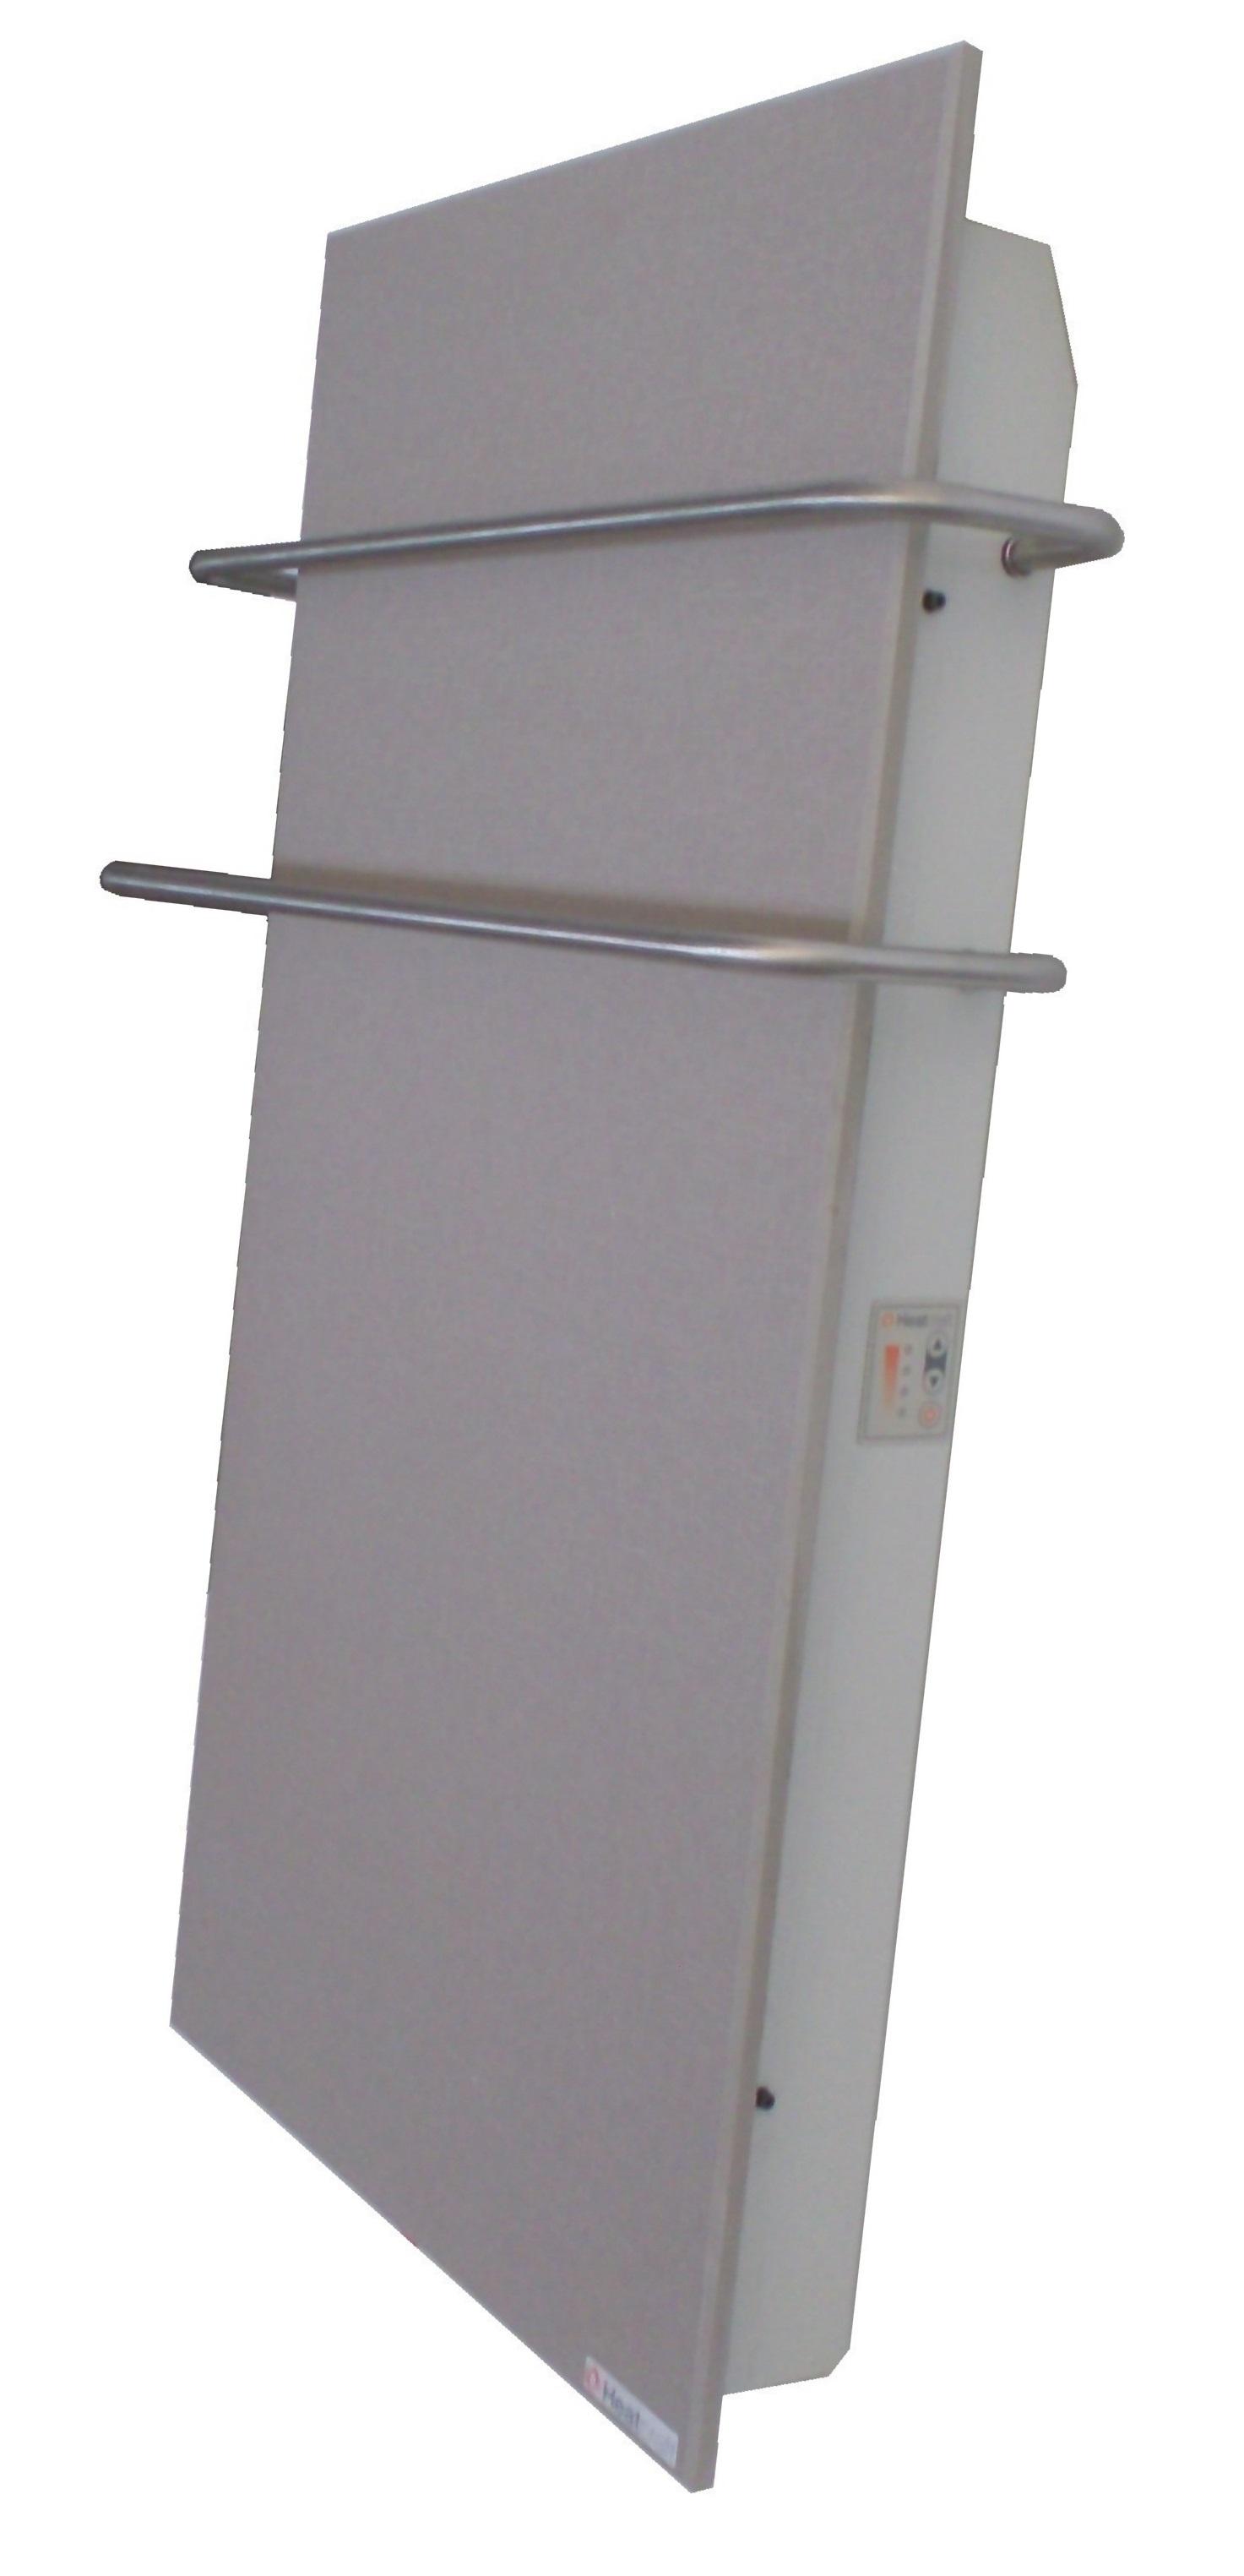 Extractor De Baño Tst:Tusta ::: Soluciones para el confort : aire acondicionado : bombas